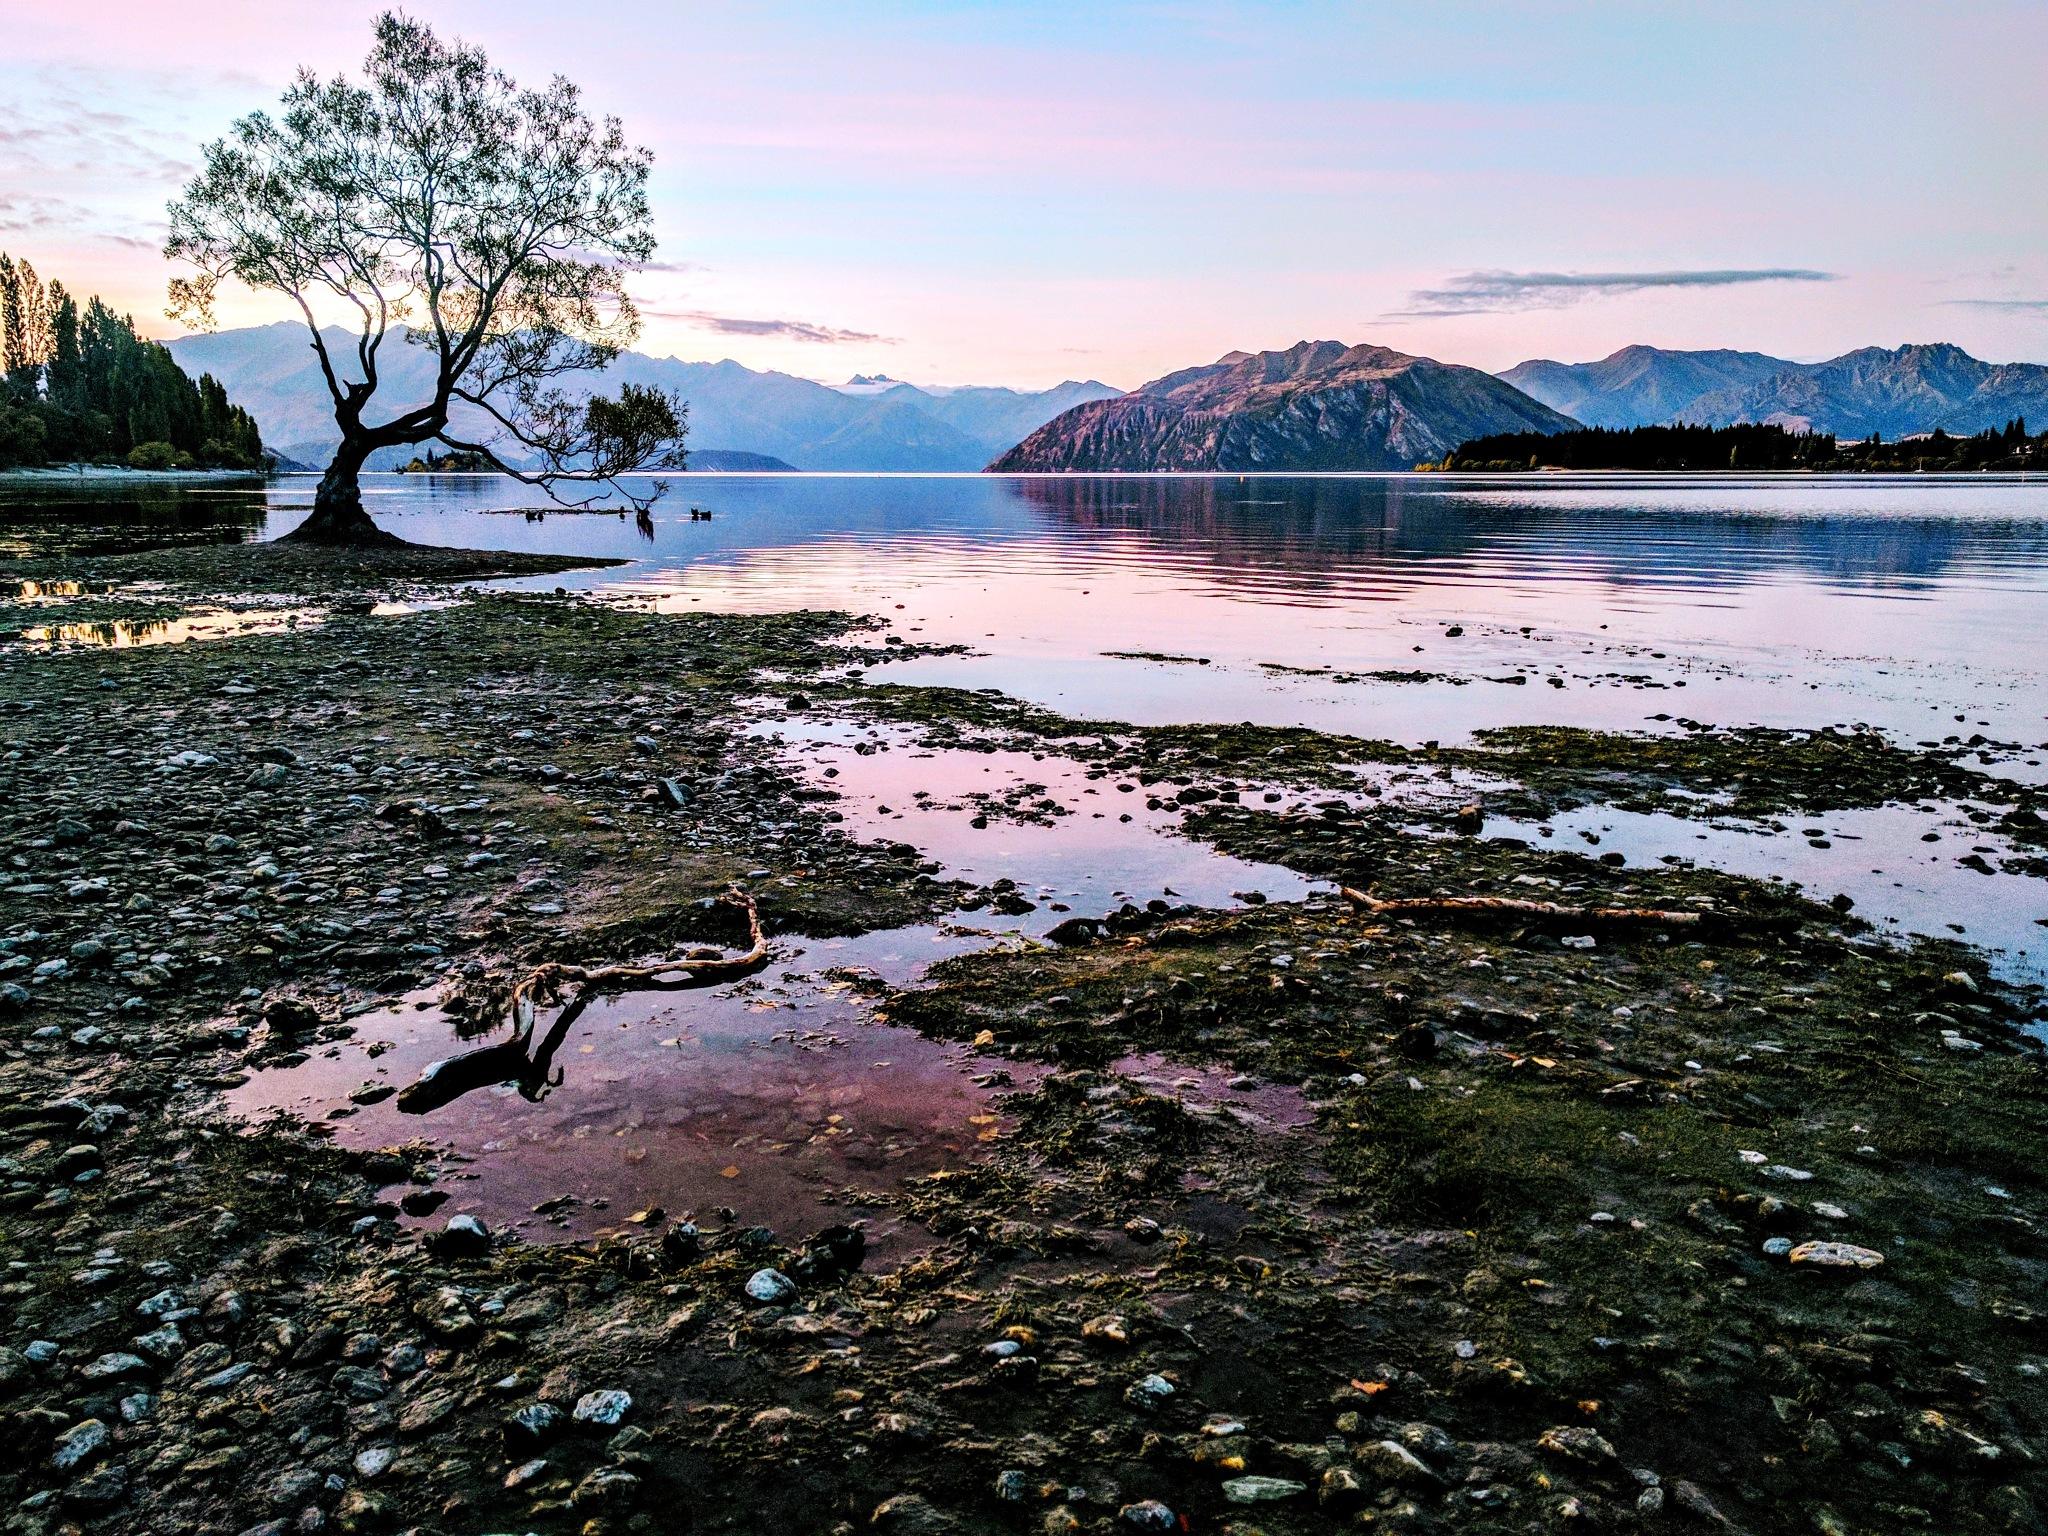 lake wanaka tree by julz